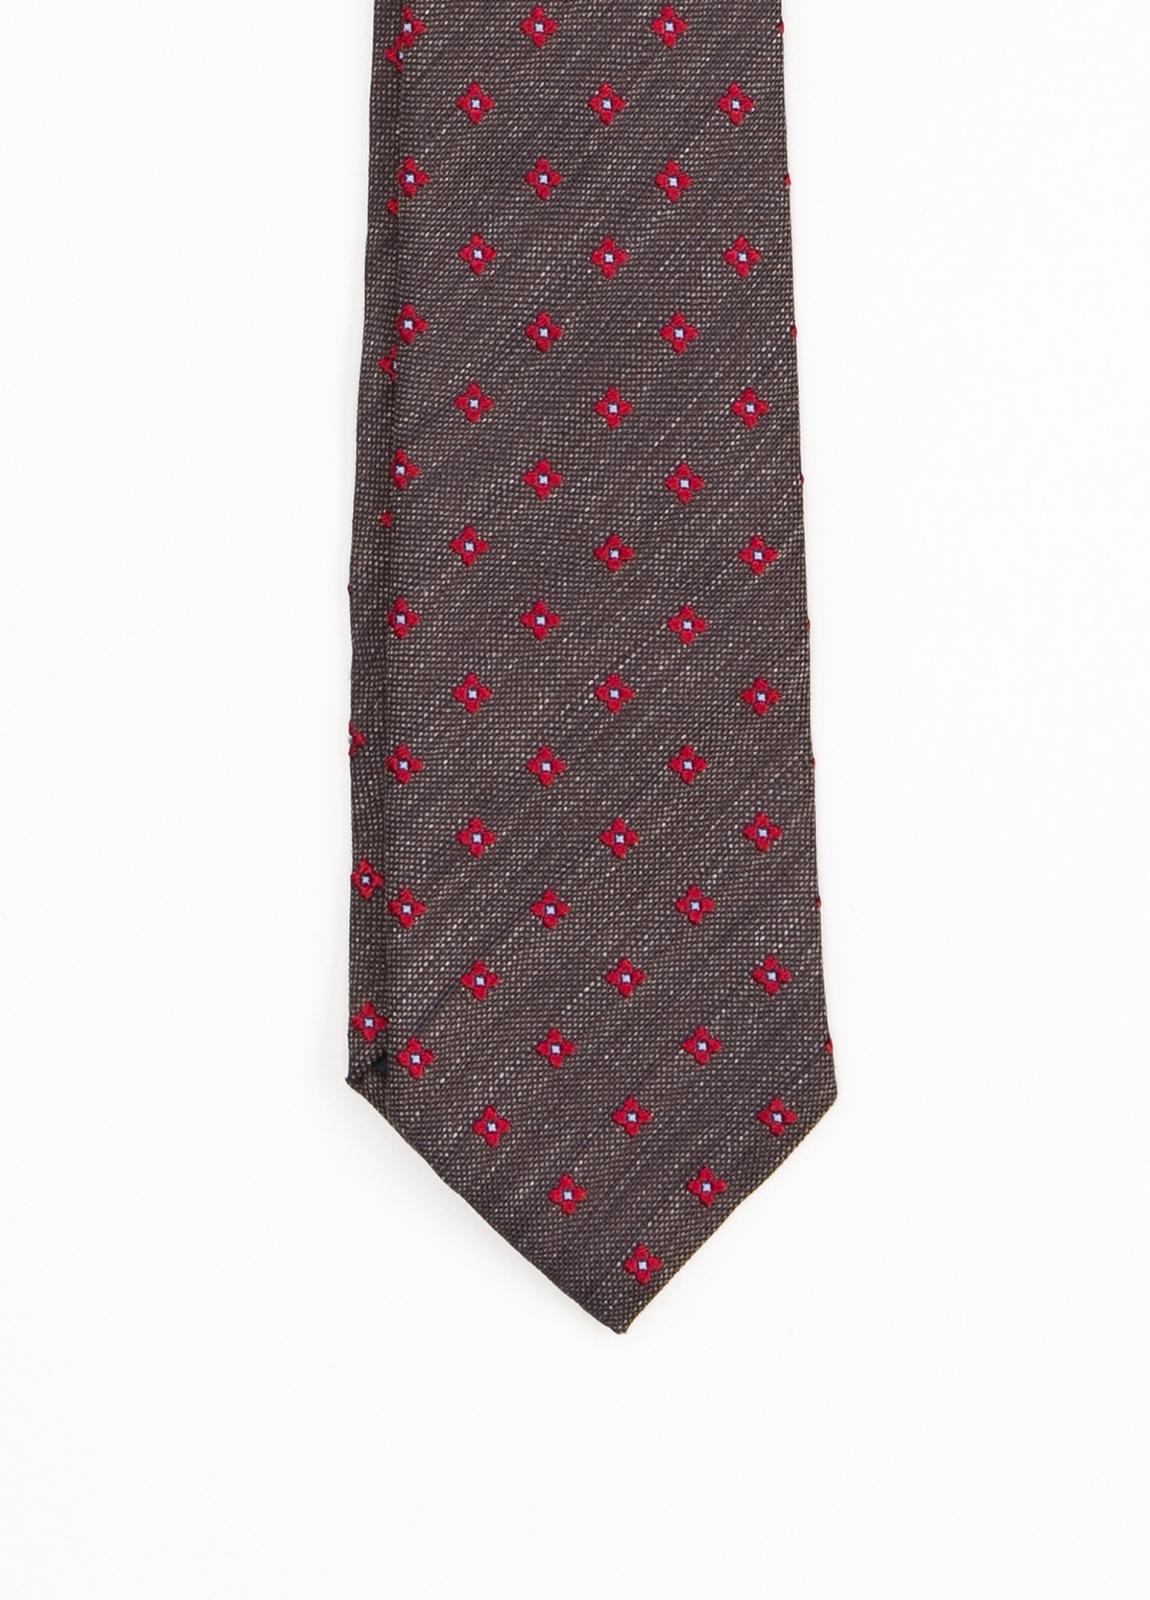 Corbata Formal Wear estampado flor, color marrón. Pala 7,5 cm. 100% Seda. - Ítem1